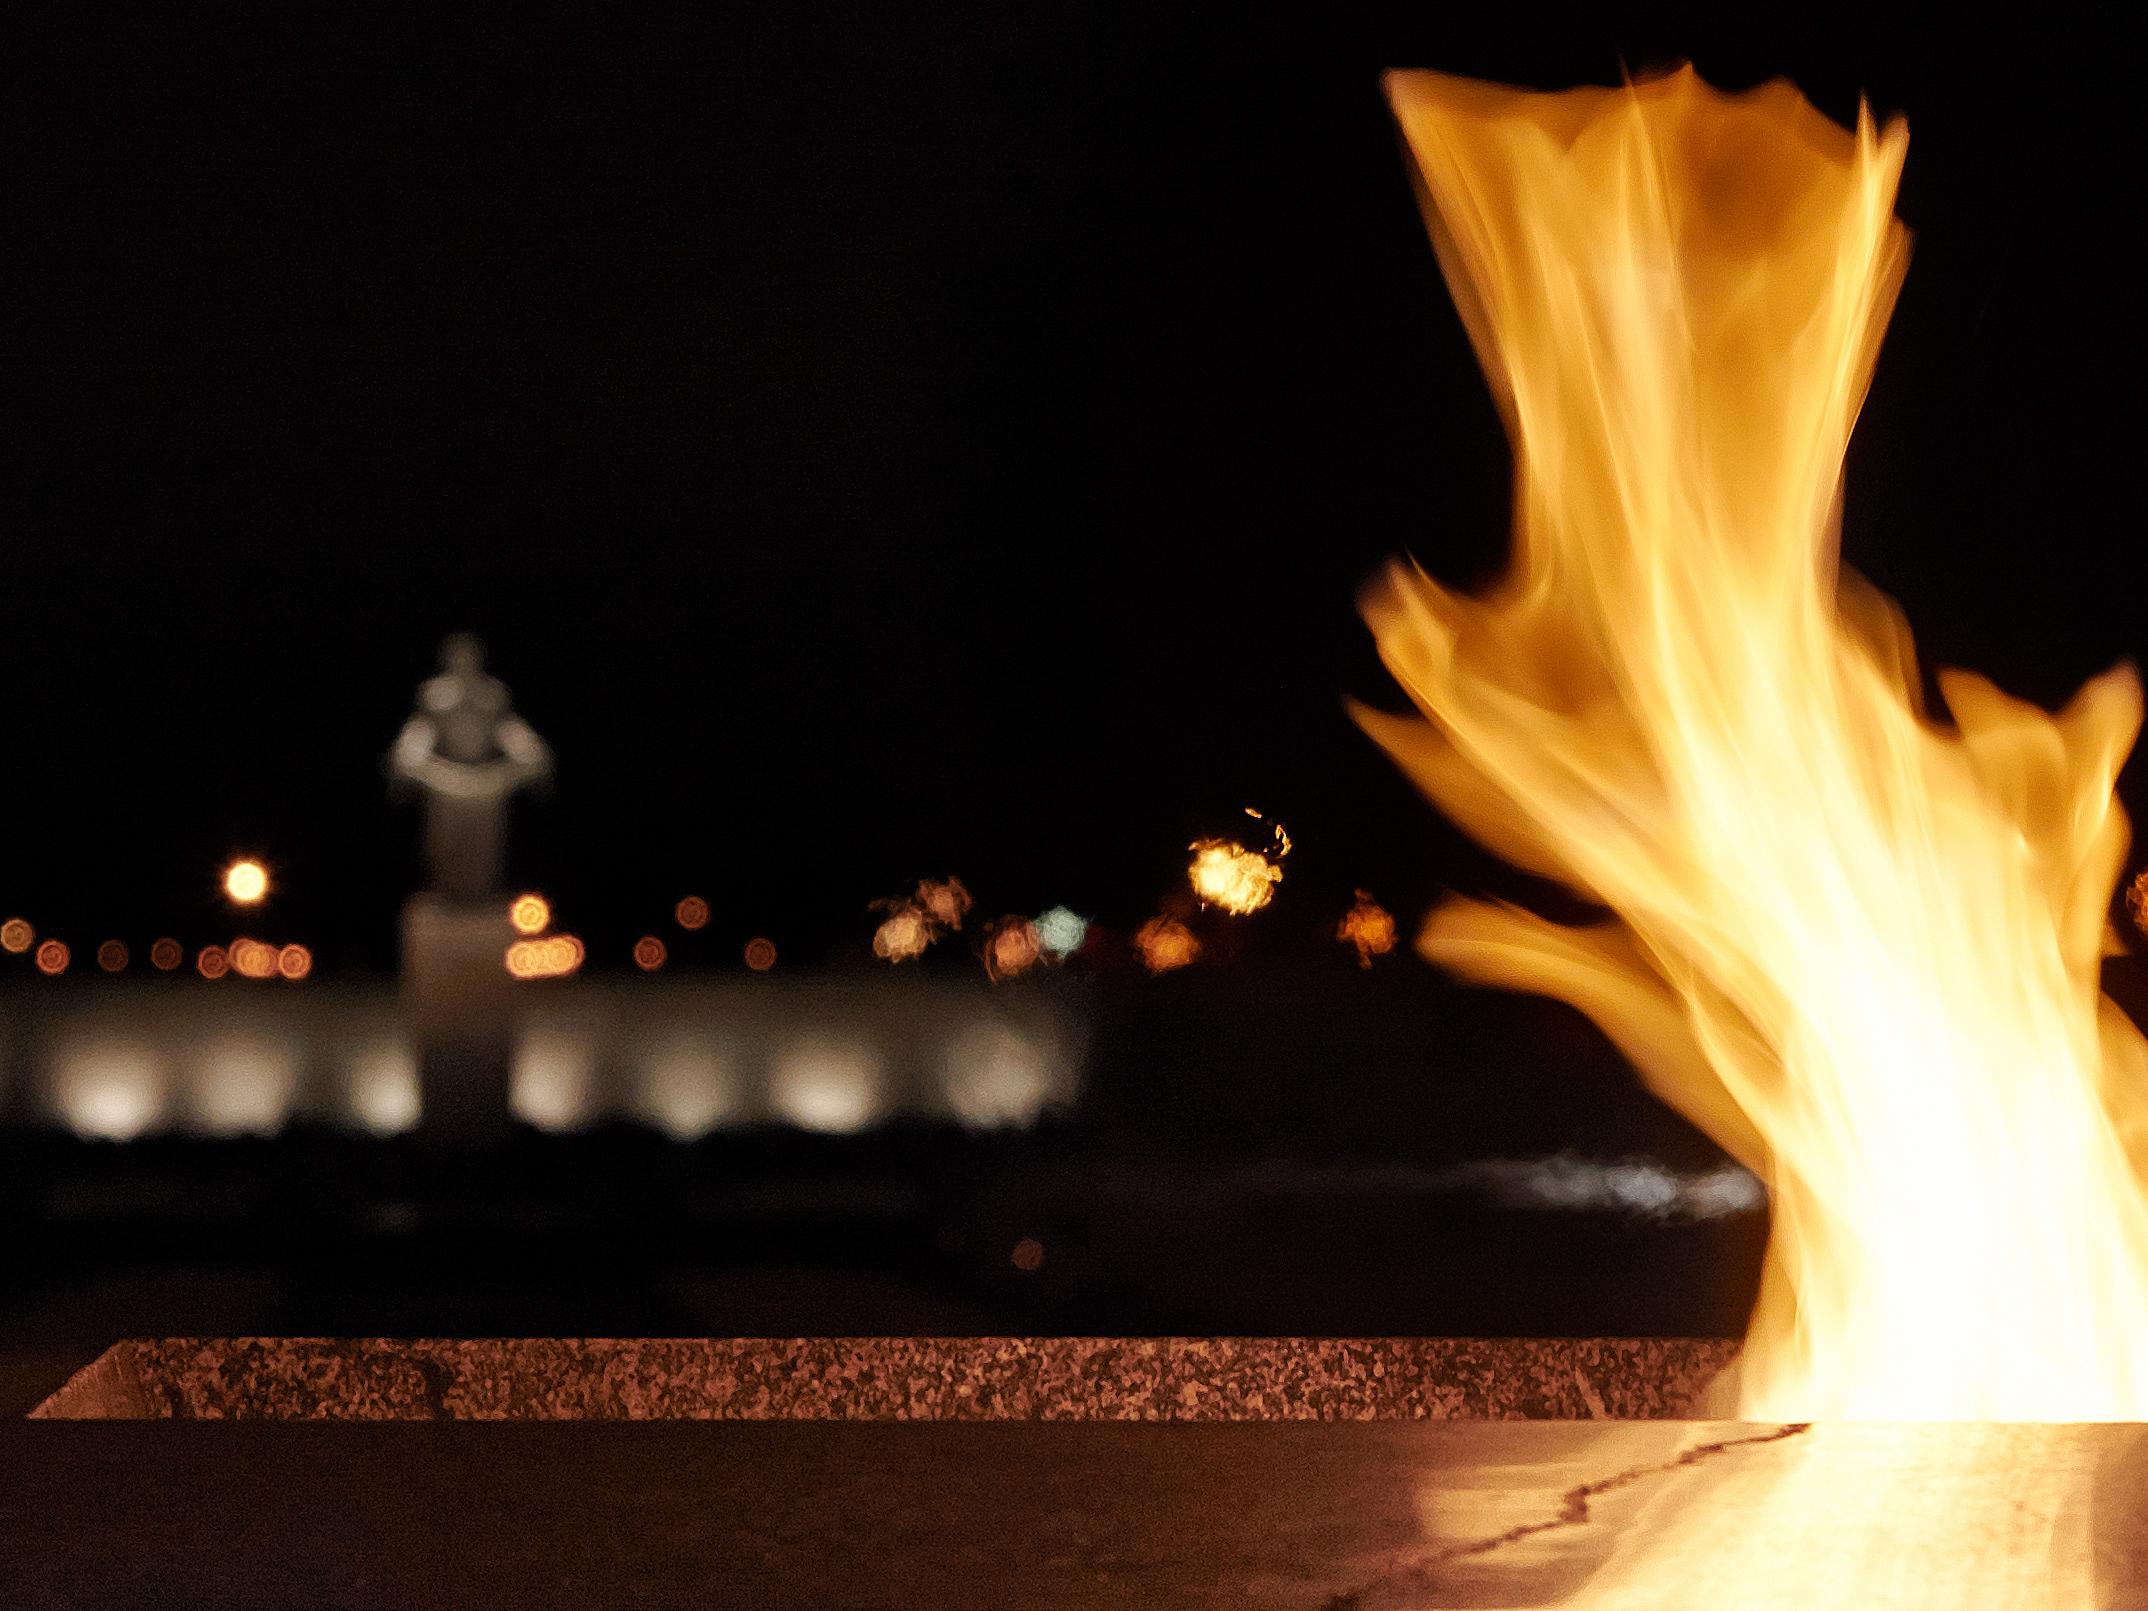 Картинка вечный огонь гиф